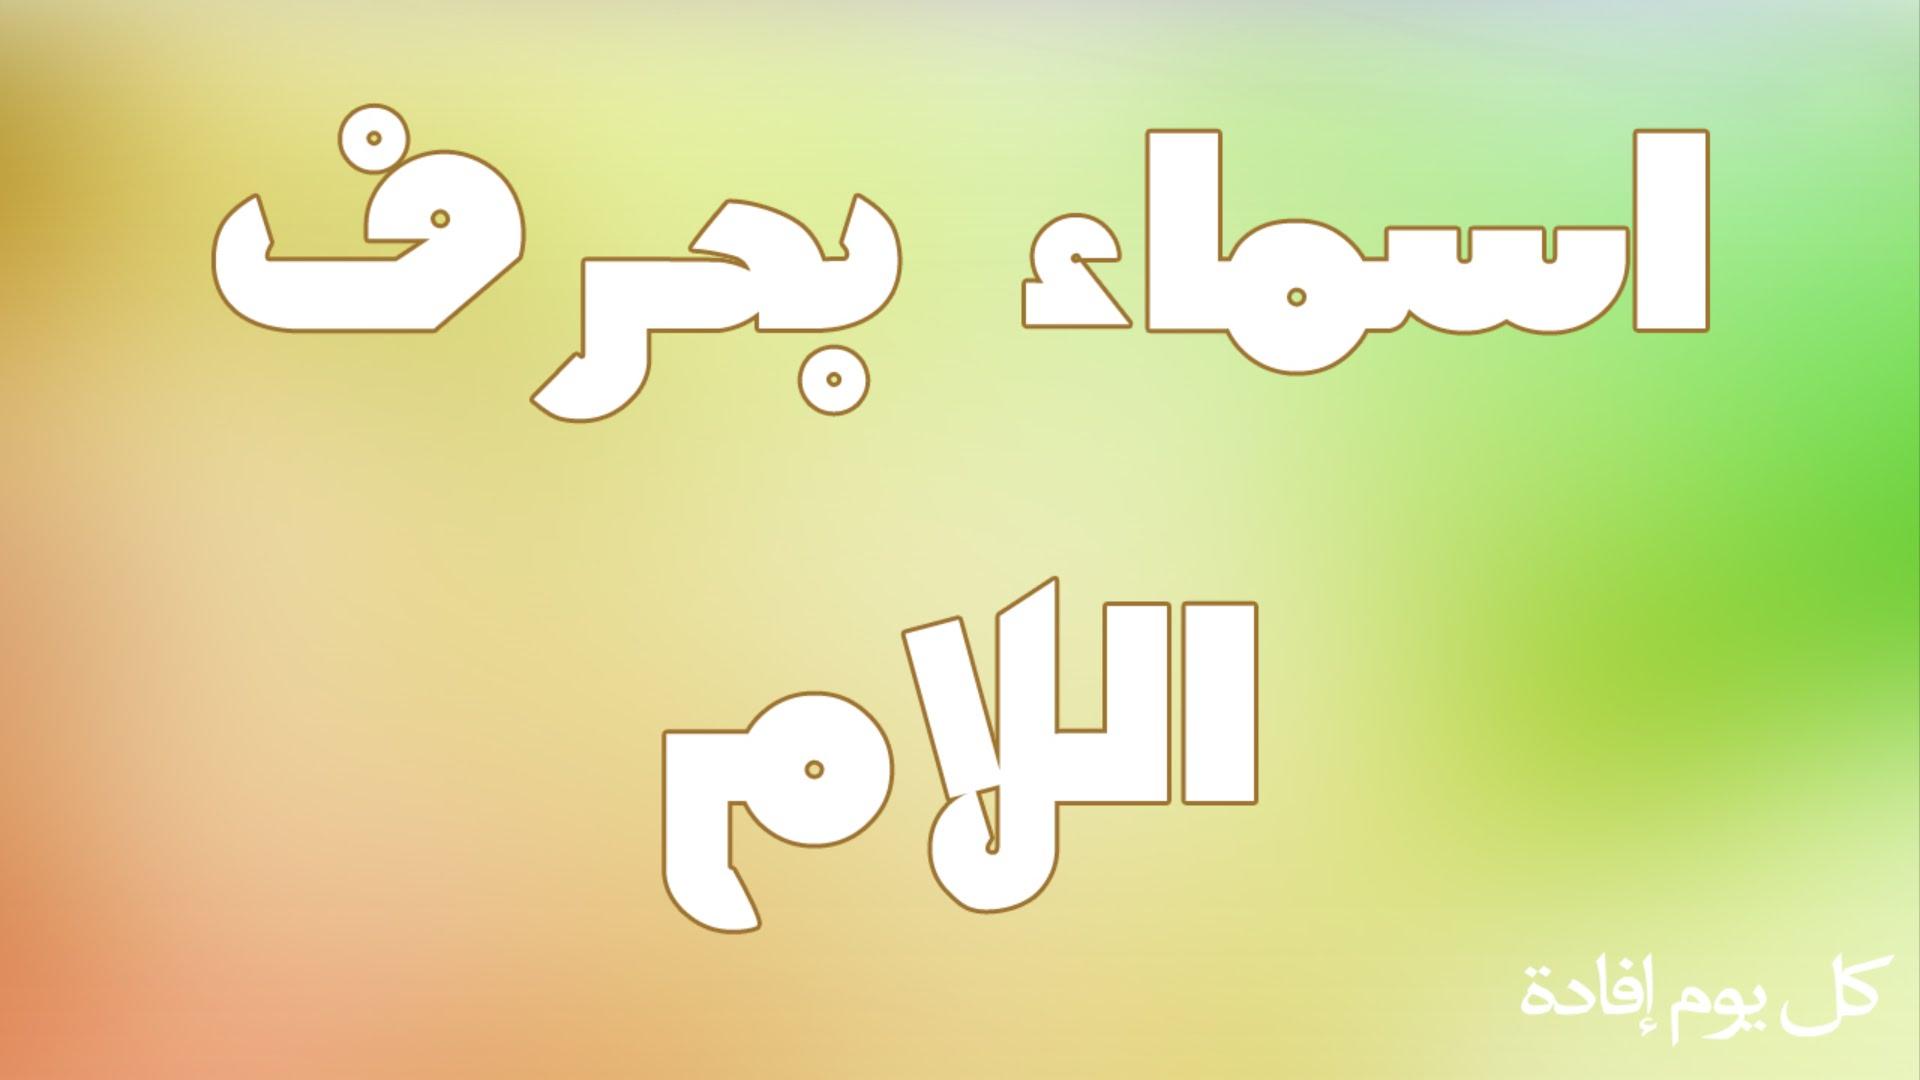 صور اسماء البنات بحرف الالف , اجمل اسامي بنوتات بحرف الف